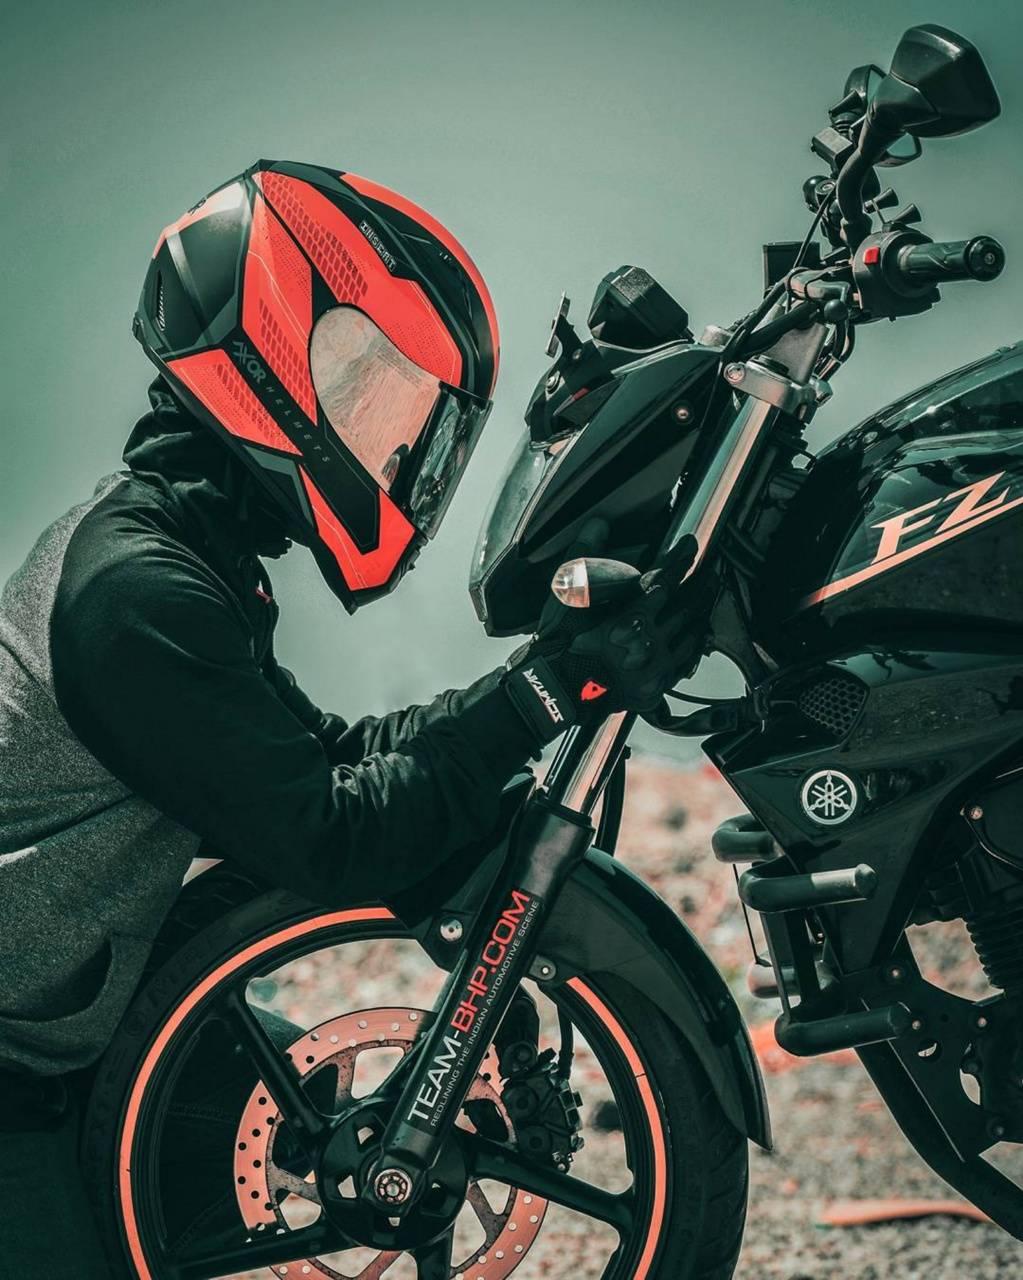 Biker vision